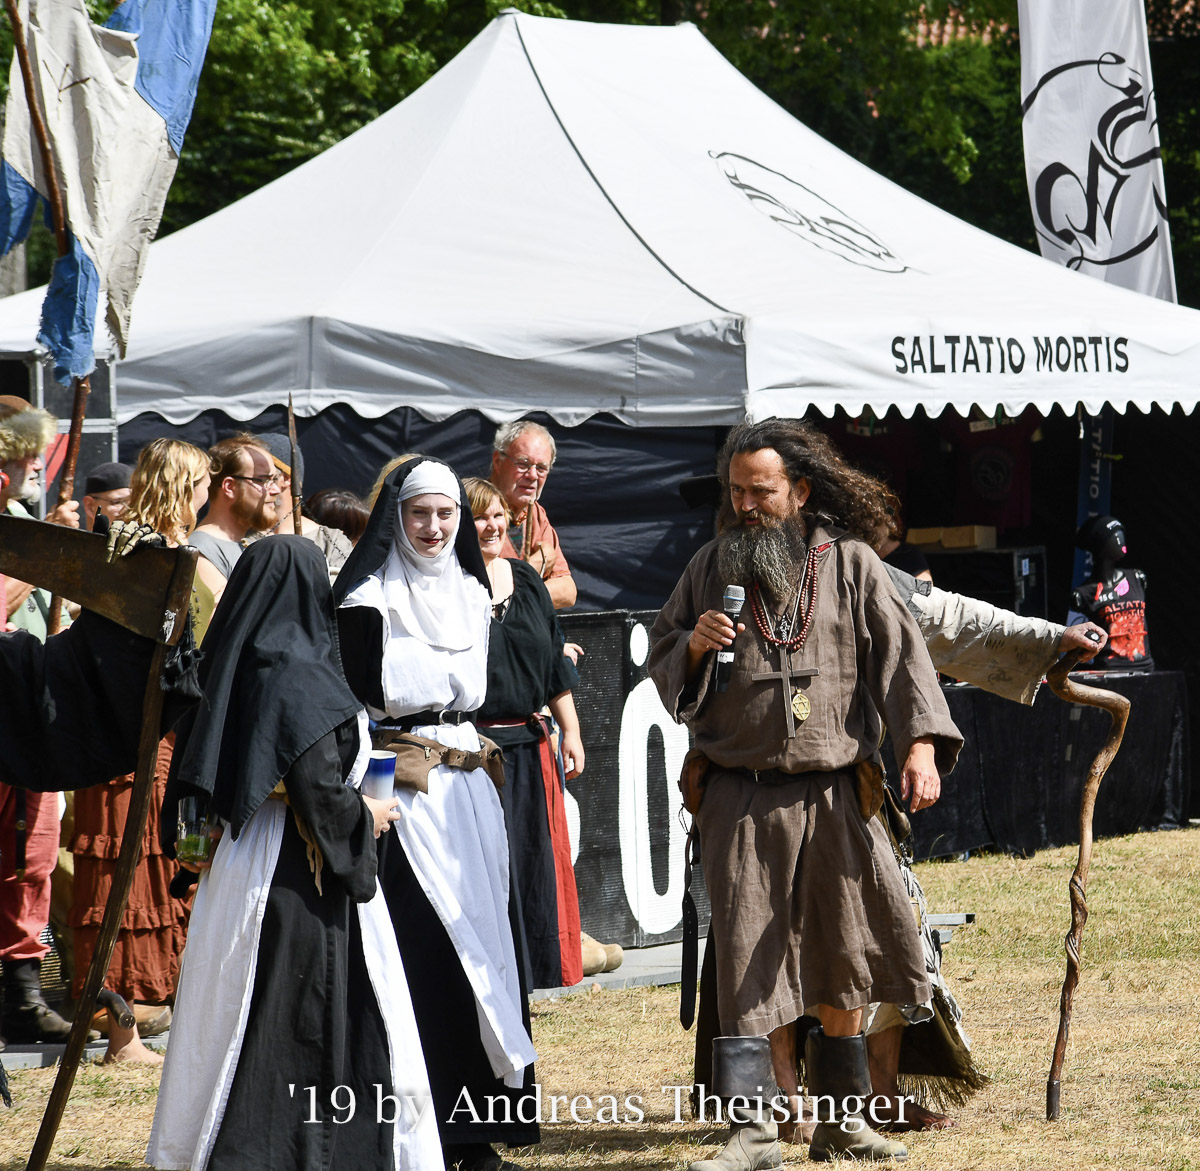 20190804-Bruder-Rectus-et-al-MPS-Telgte-01